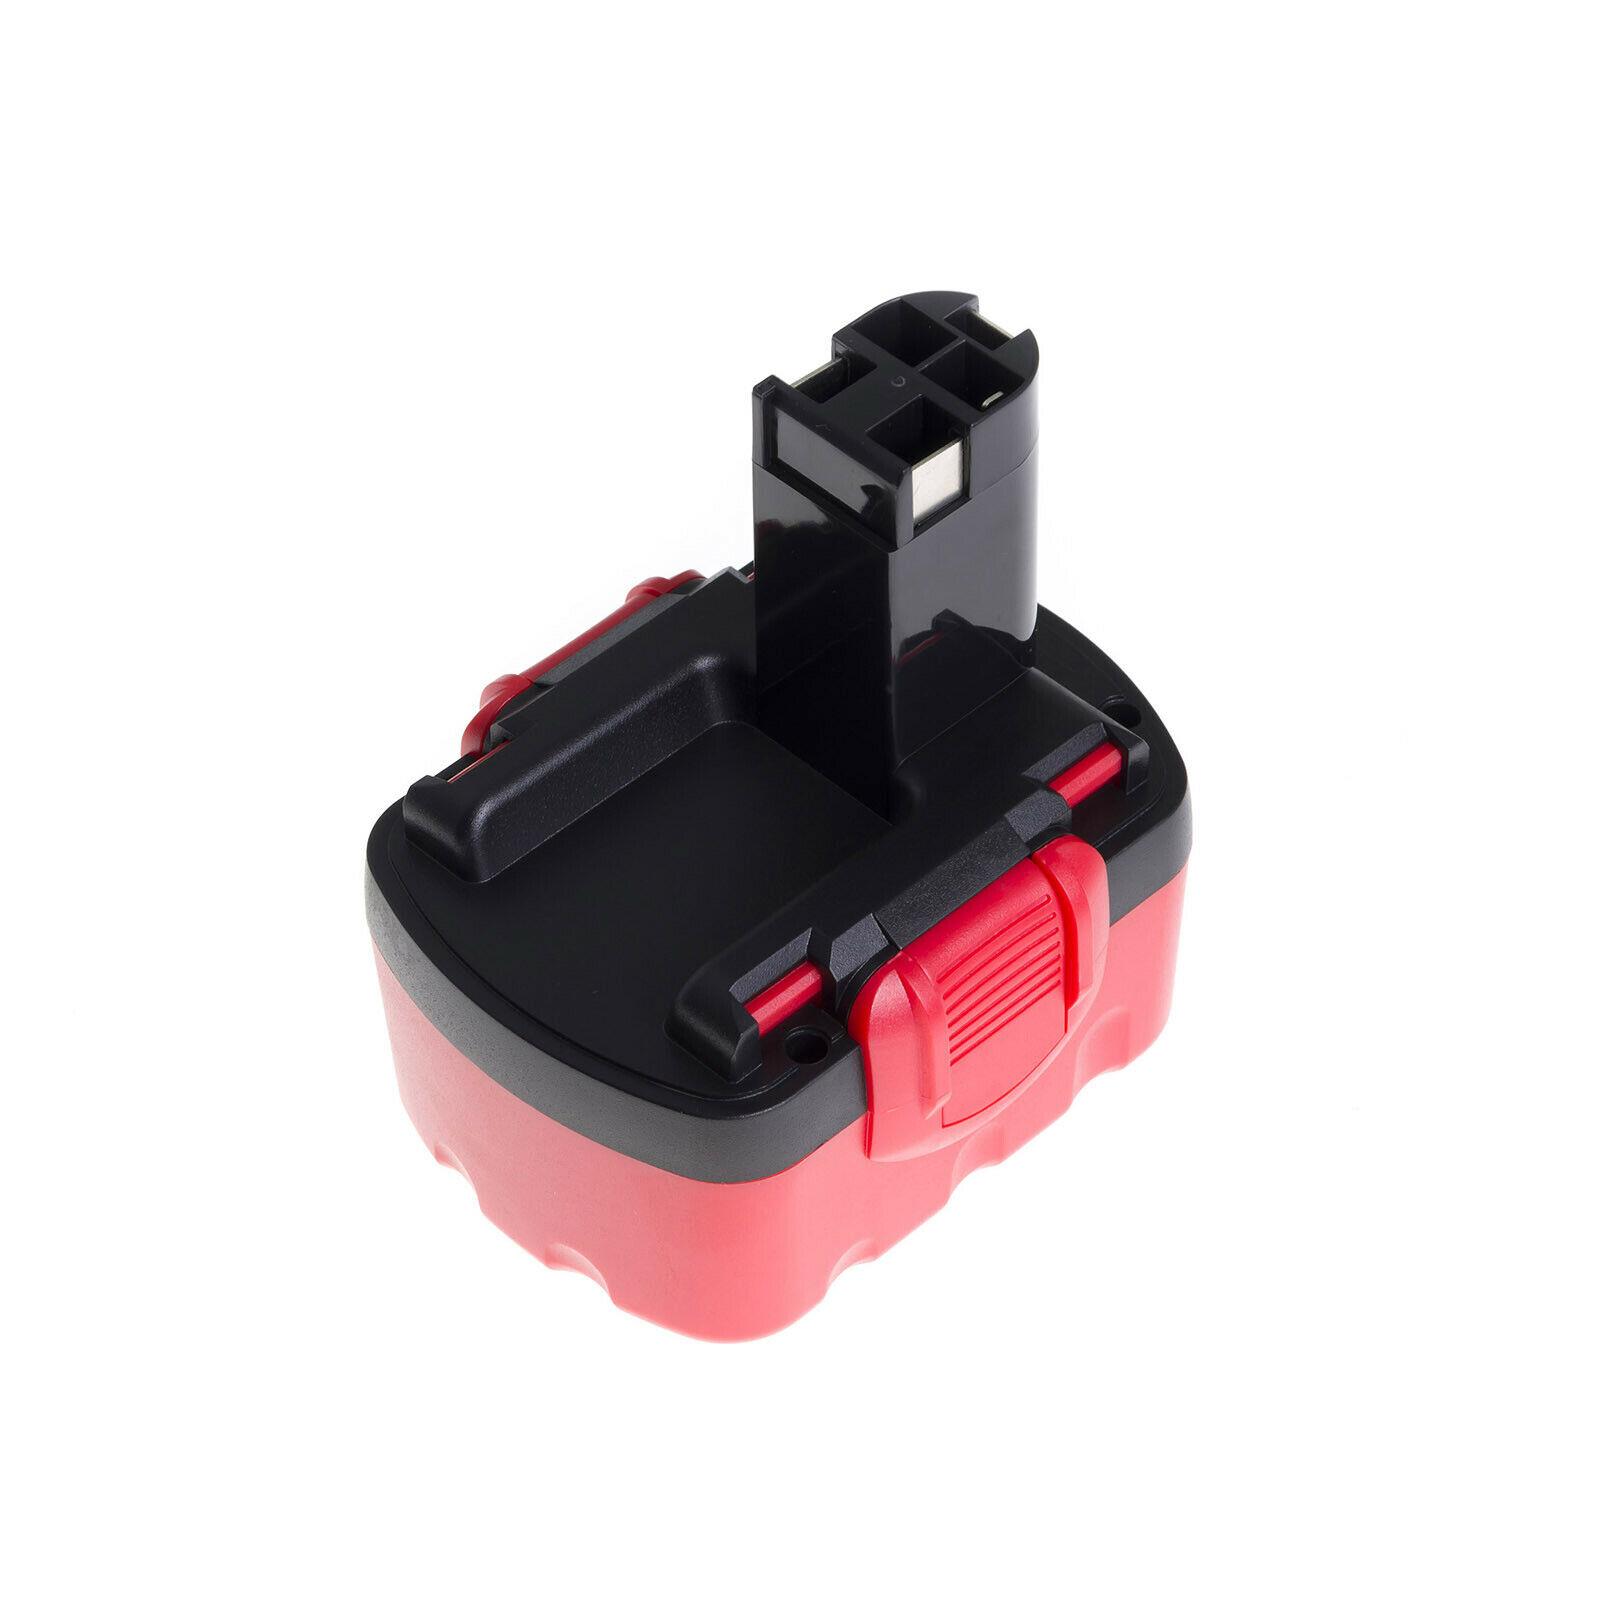 14.4V 3.0Ah Bosch PSR 14.4-2 2 607 335 711 2607335711 Cordless Drill kompatybilny bateria